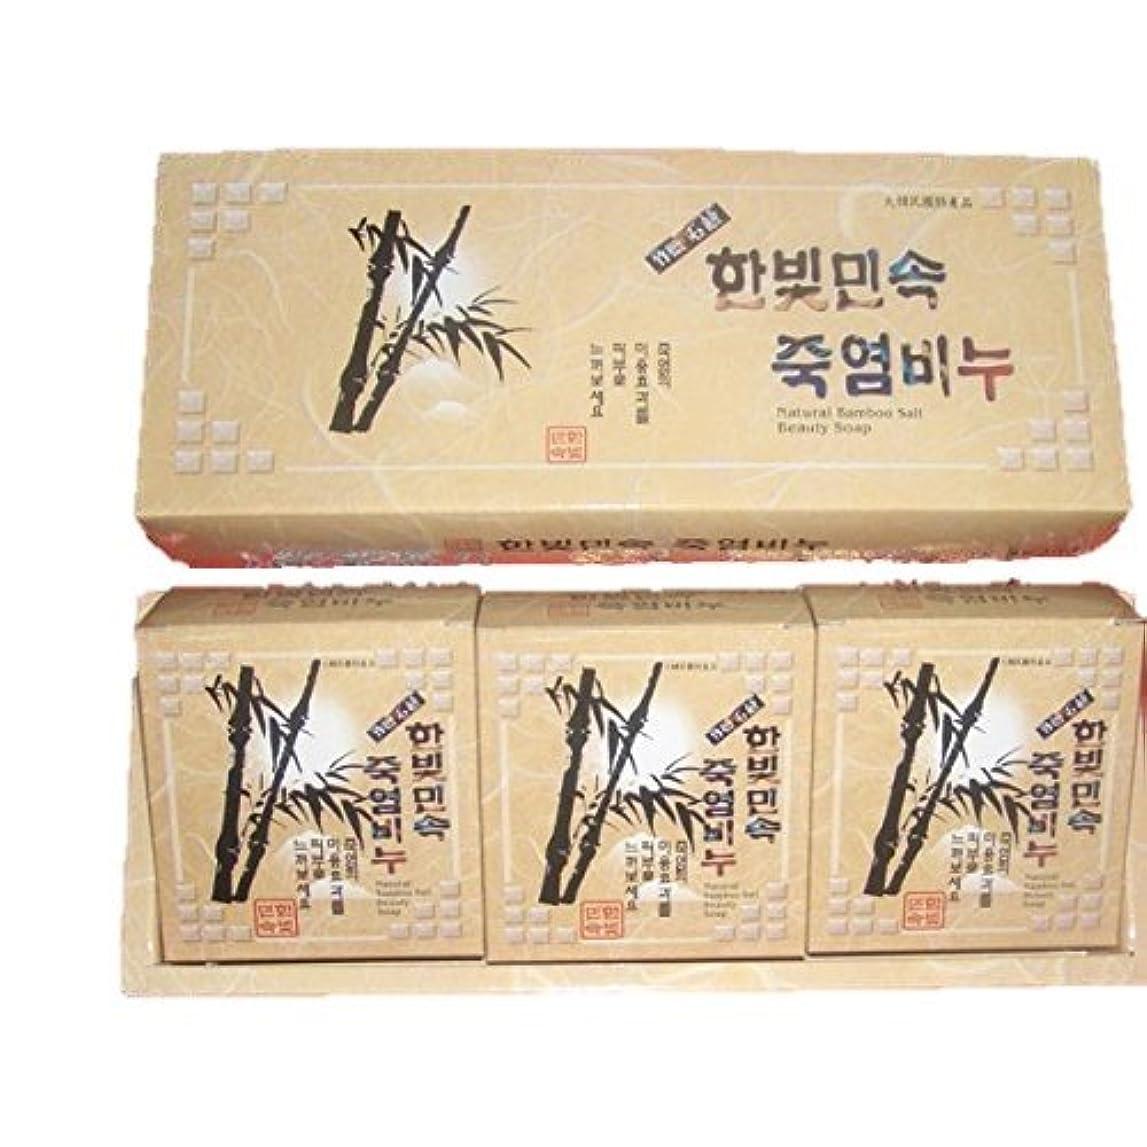 アカデミック慣性十年(韓国ブランド) 竹塩石鹸 (3個×3セット)